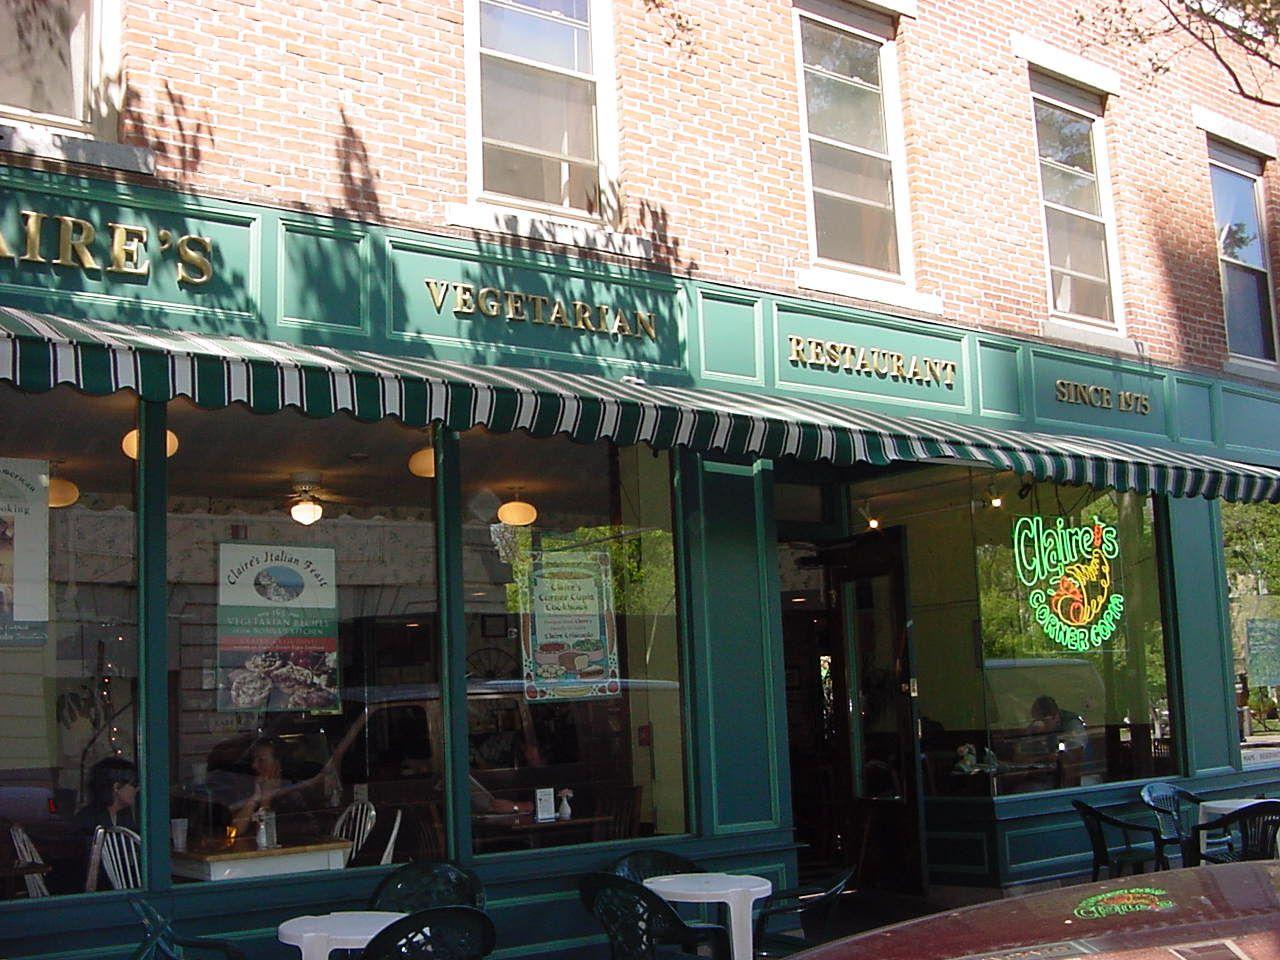 Claires Corner Copia Vegetarian Restaurant Sustainable Organic Cookbooks Vegetarian Restaurant Worlds Of Fun Restaurant